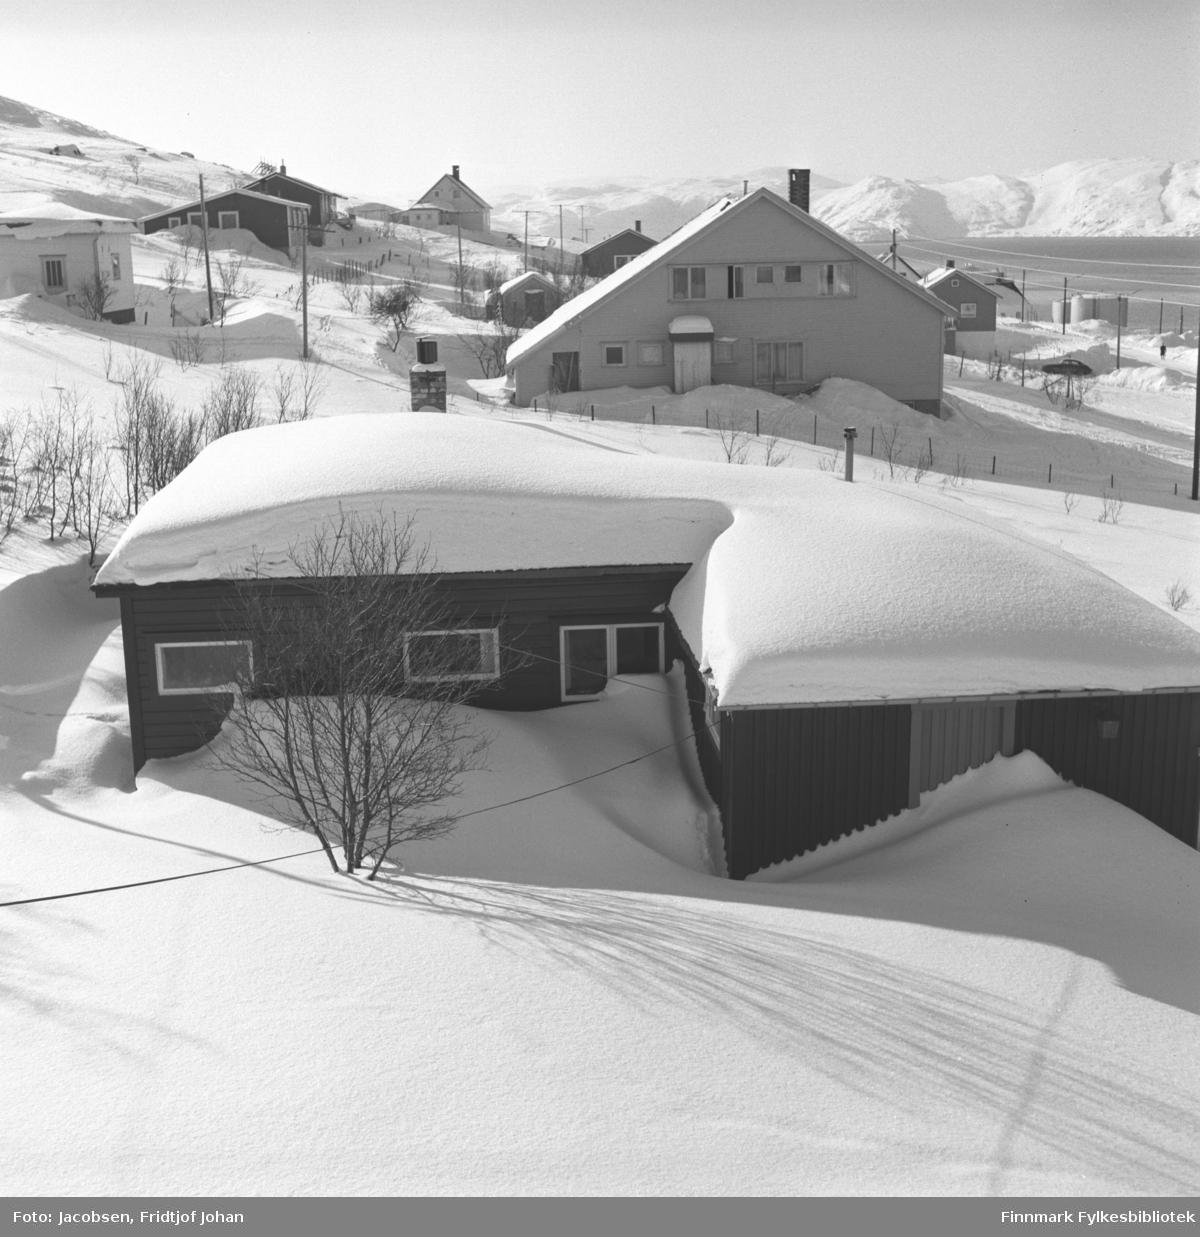 Fotografi tatt fra Arne Nakkens hus i Rypefjord mot Stornes. Nærmest ligger Fridtjof og Aase Jacobsens hytte.